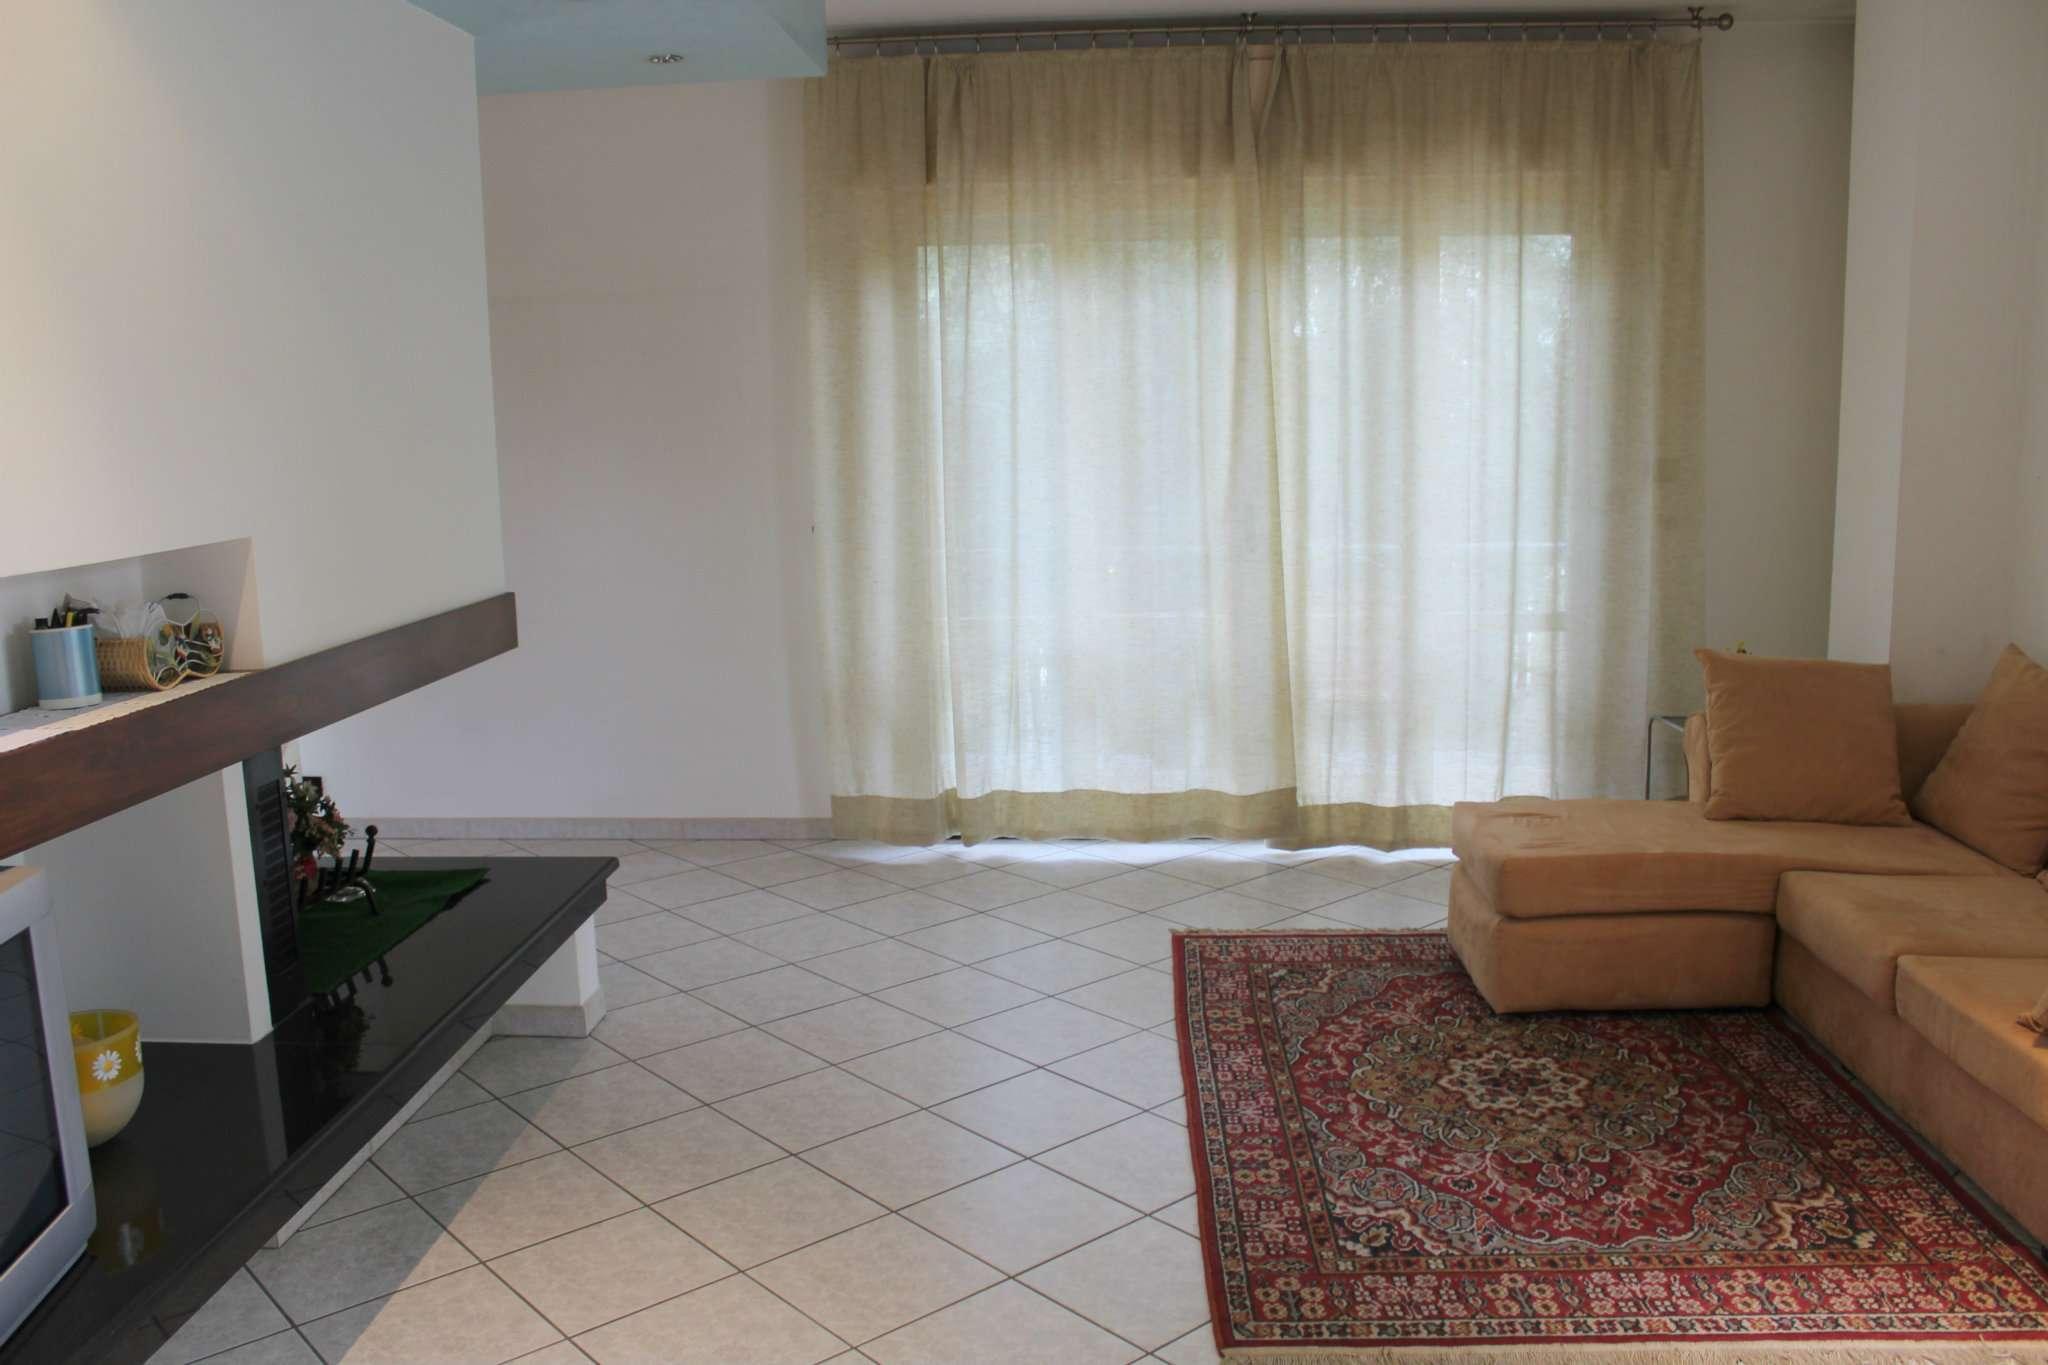 Appartamento in vendita a Tavullia, 9 locali, prezzo € 160.000 | CambioCasa.it